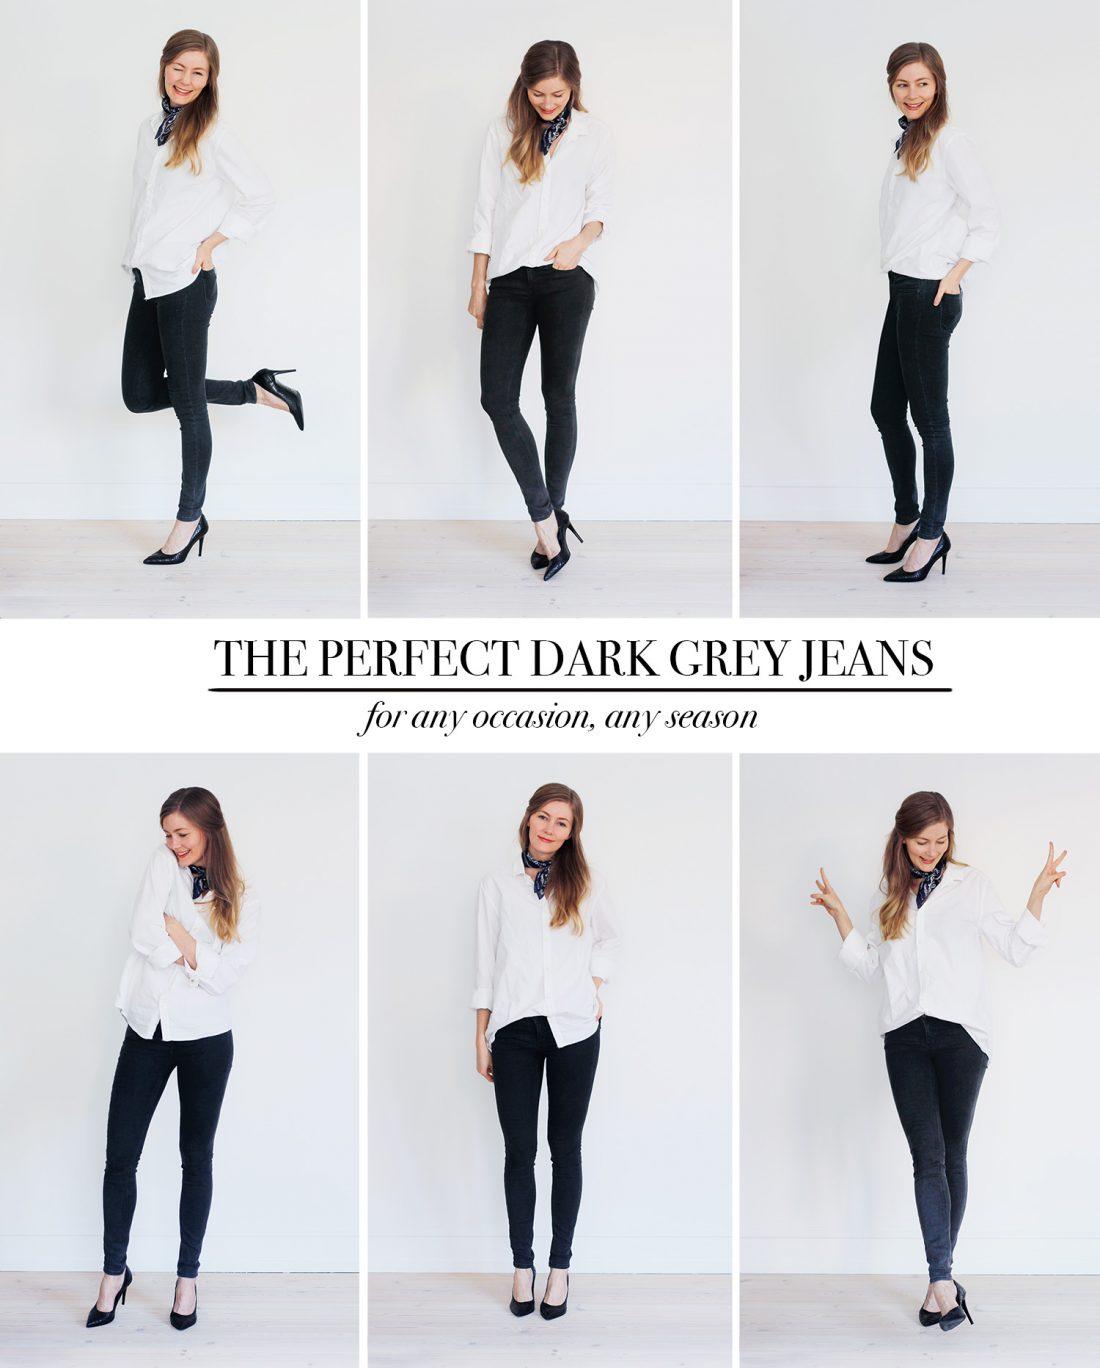 mørkegrå-jeans.jpg